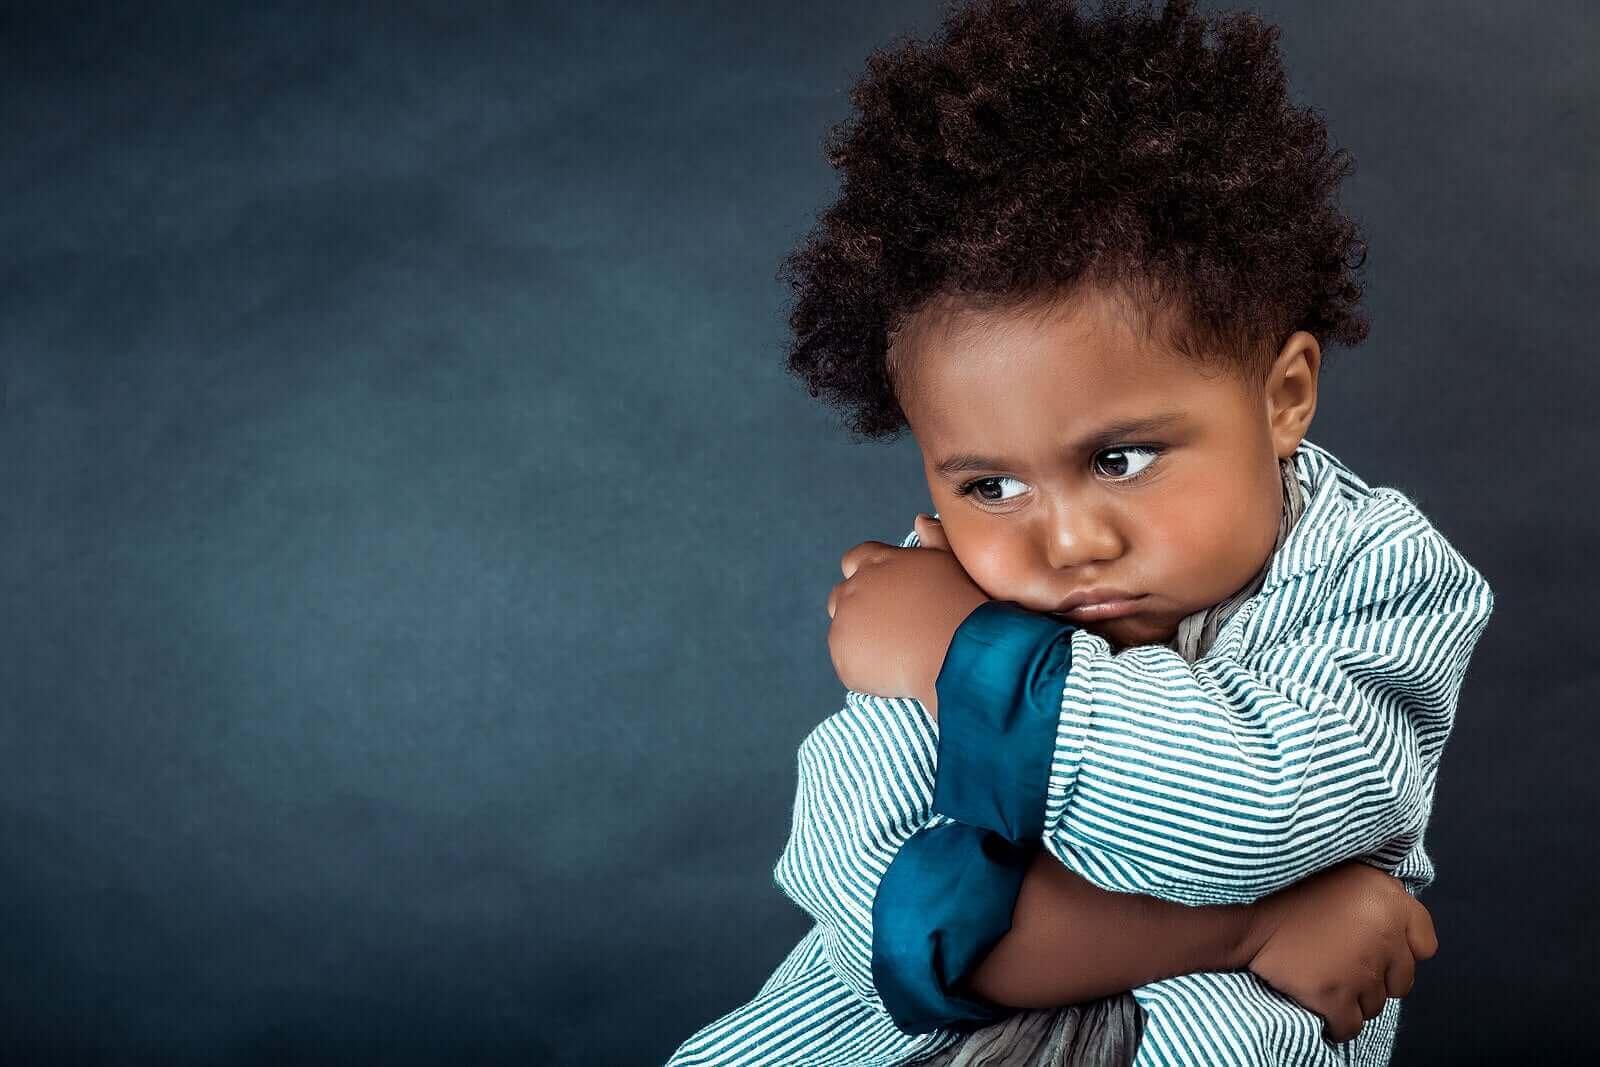 어린이 분노 조절에 유용한 6가지 전략